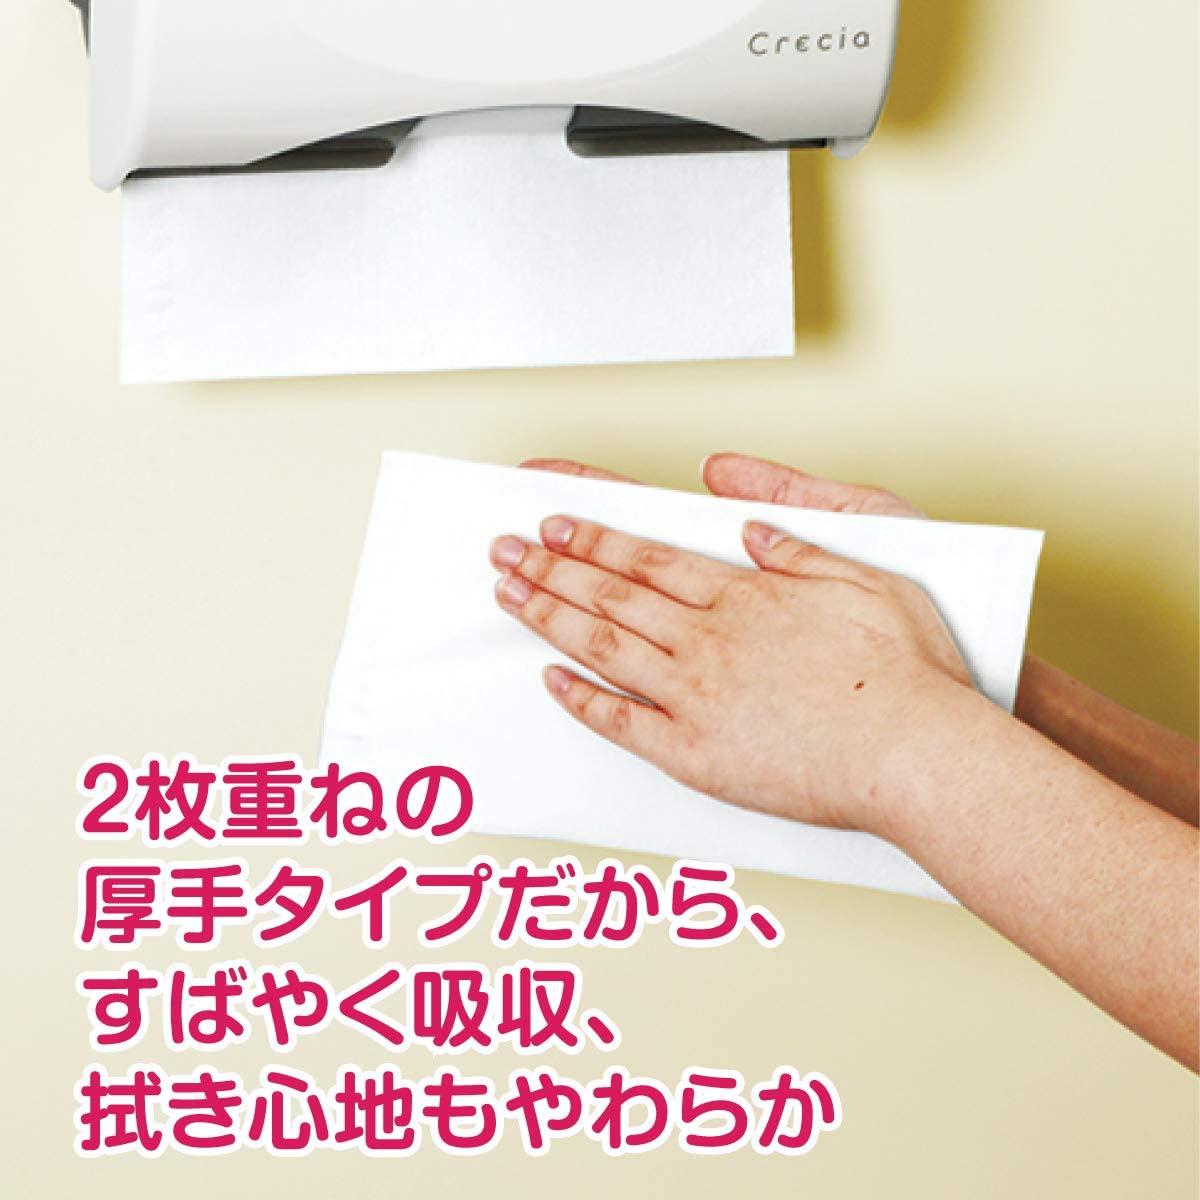 Crecia EF(クレシアEF) ハンドタオル ソフトタイプ200 200組(400枚)×3P 37005の商品画像5